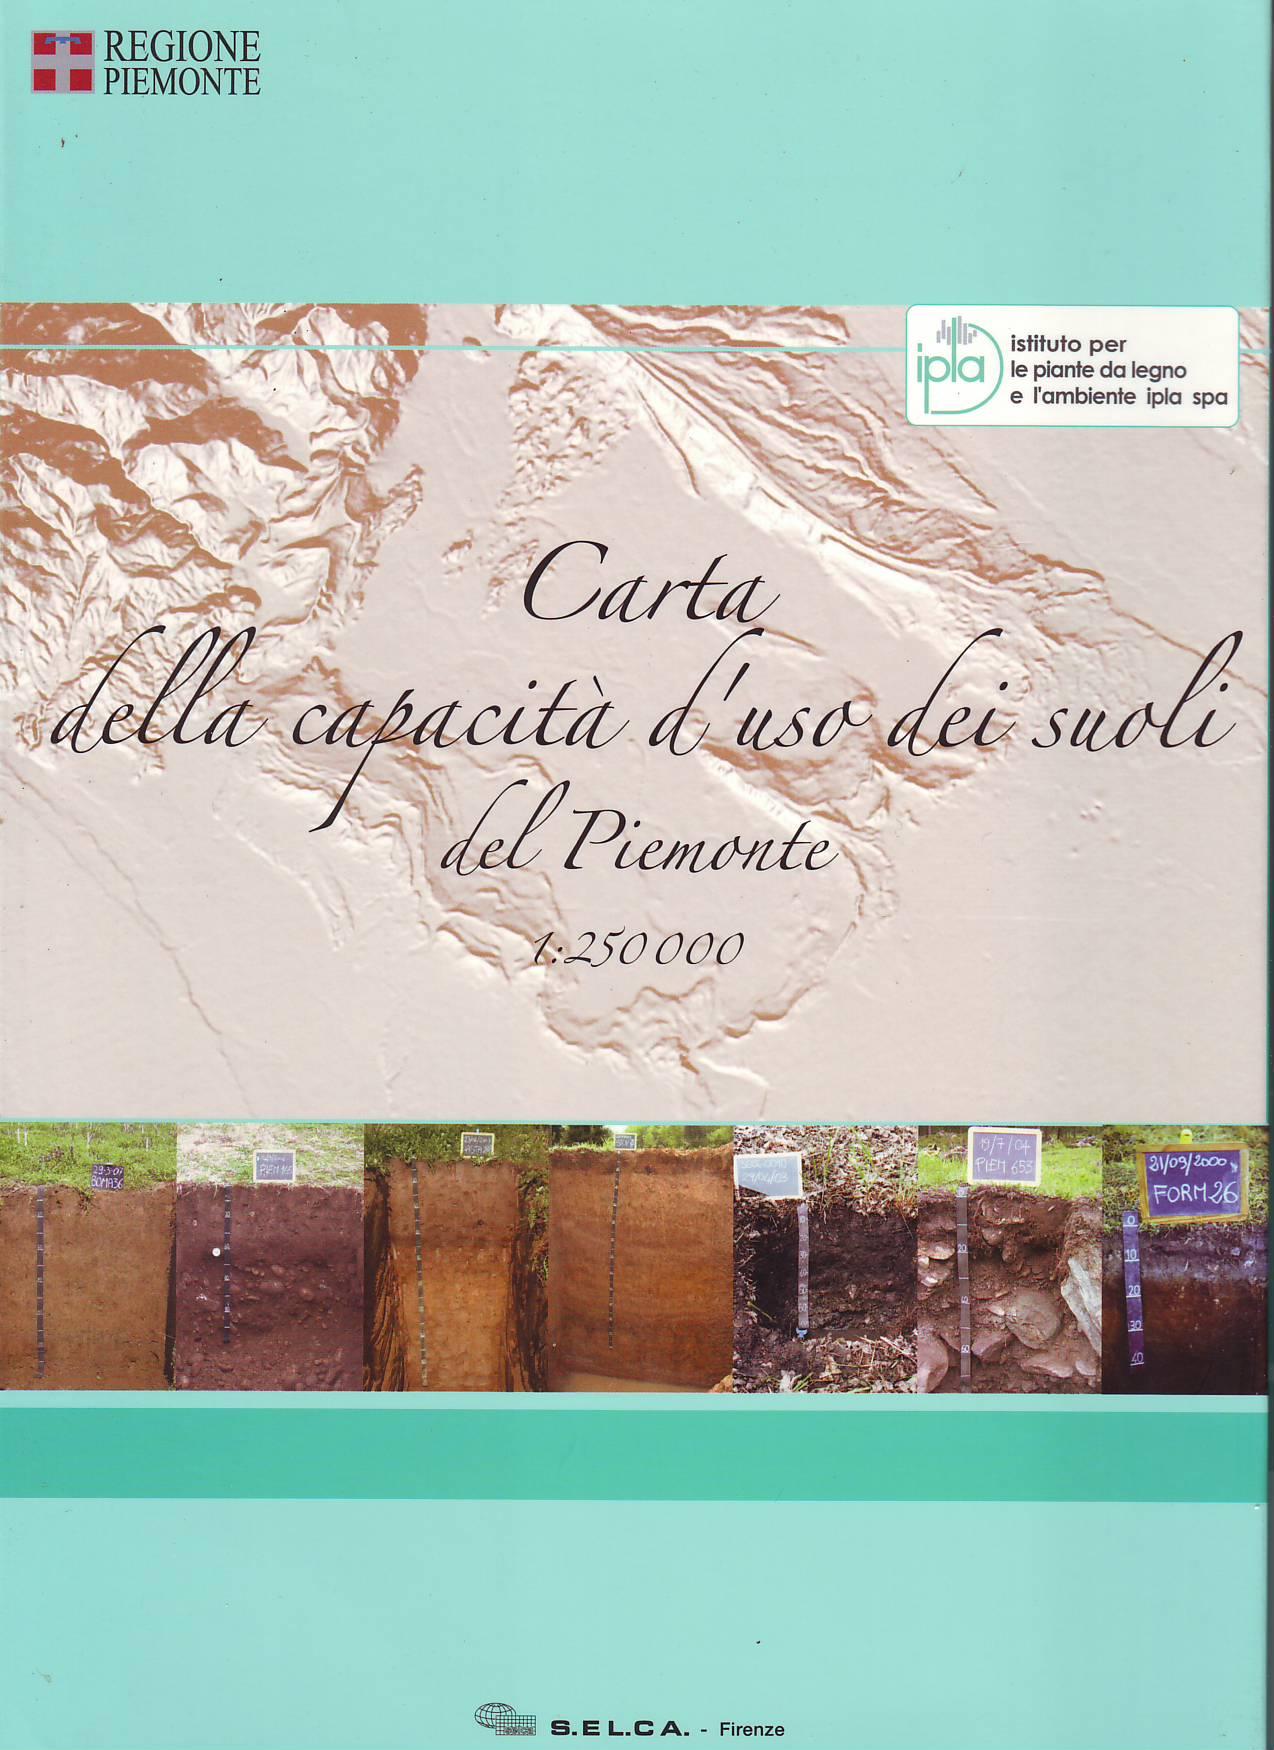 Carta della capacità d'uso dei suoli del Piemonte 1:250.000